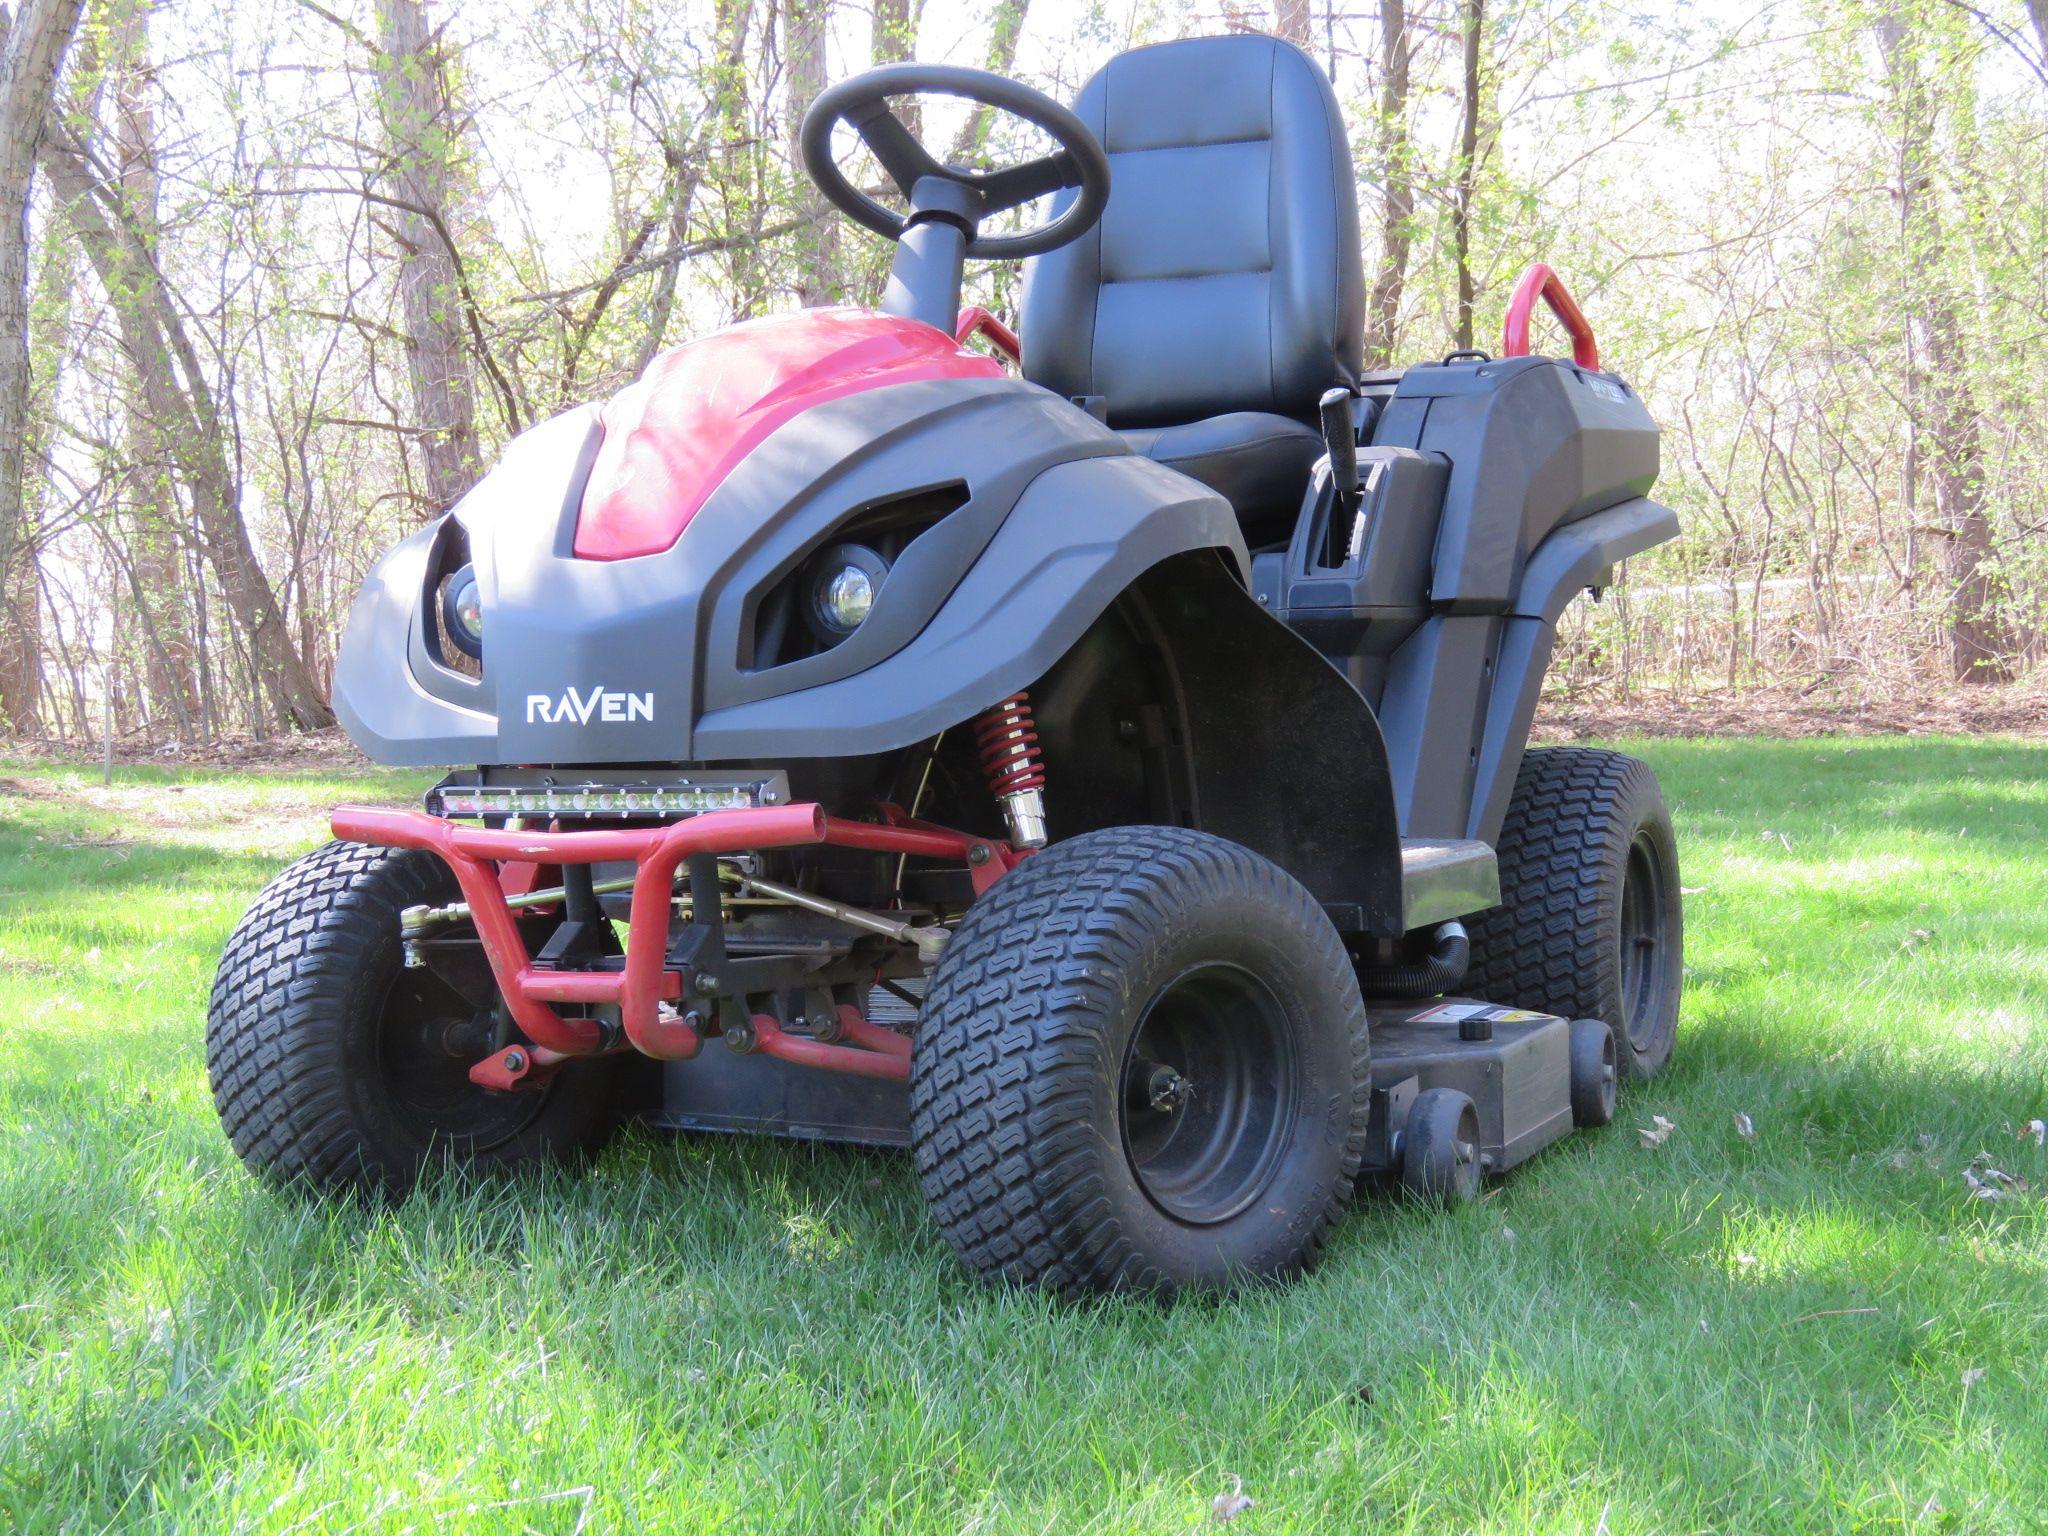 The Raven Mpv 7100 Http Amzn To 28sjnl5 Best Lawn